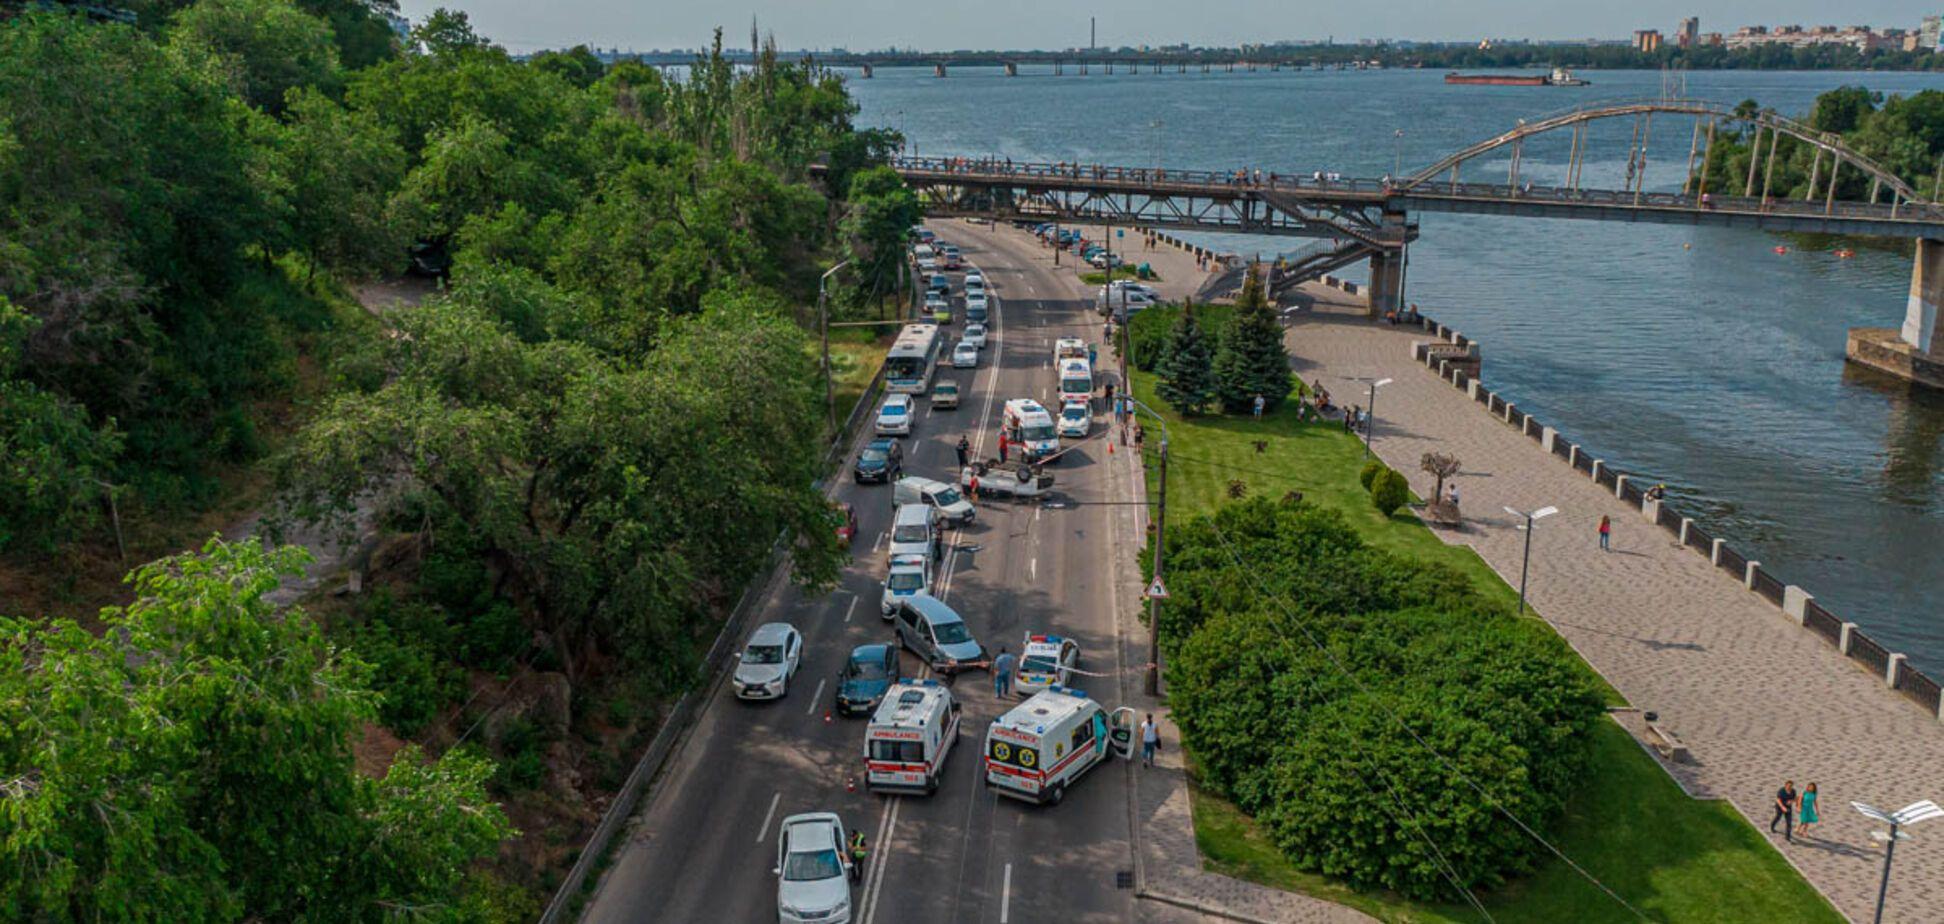 Авария с переворотом на набережной в Днепре: появилось видео столкновения